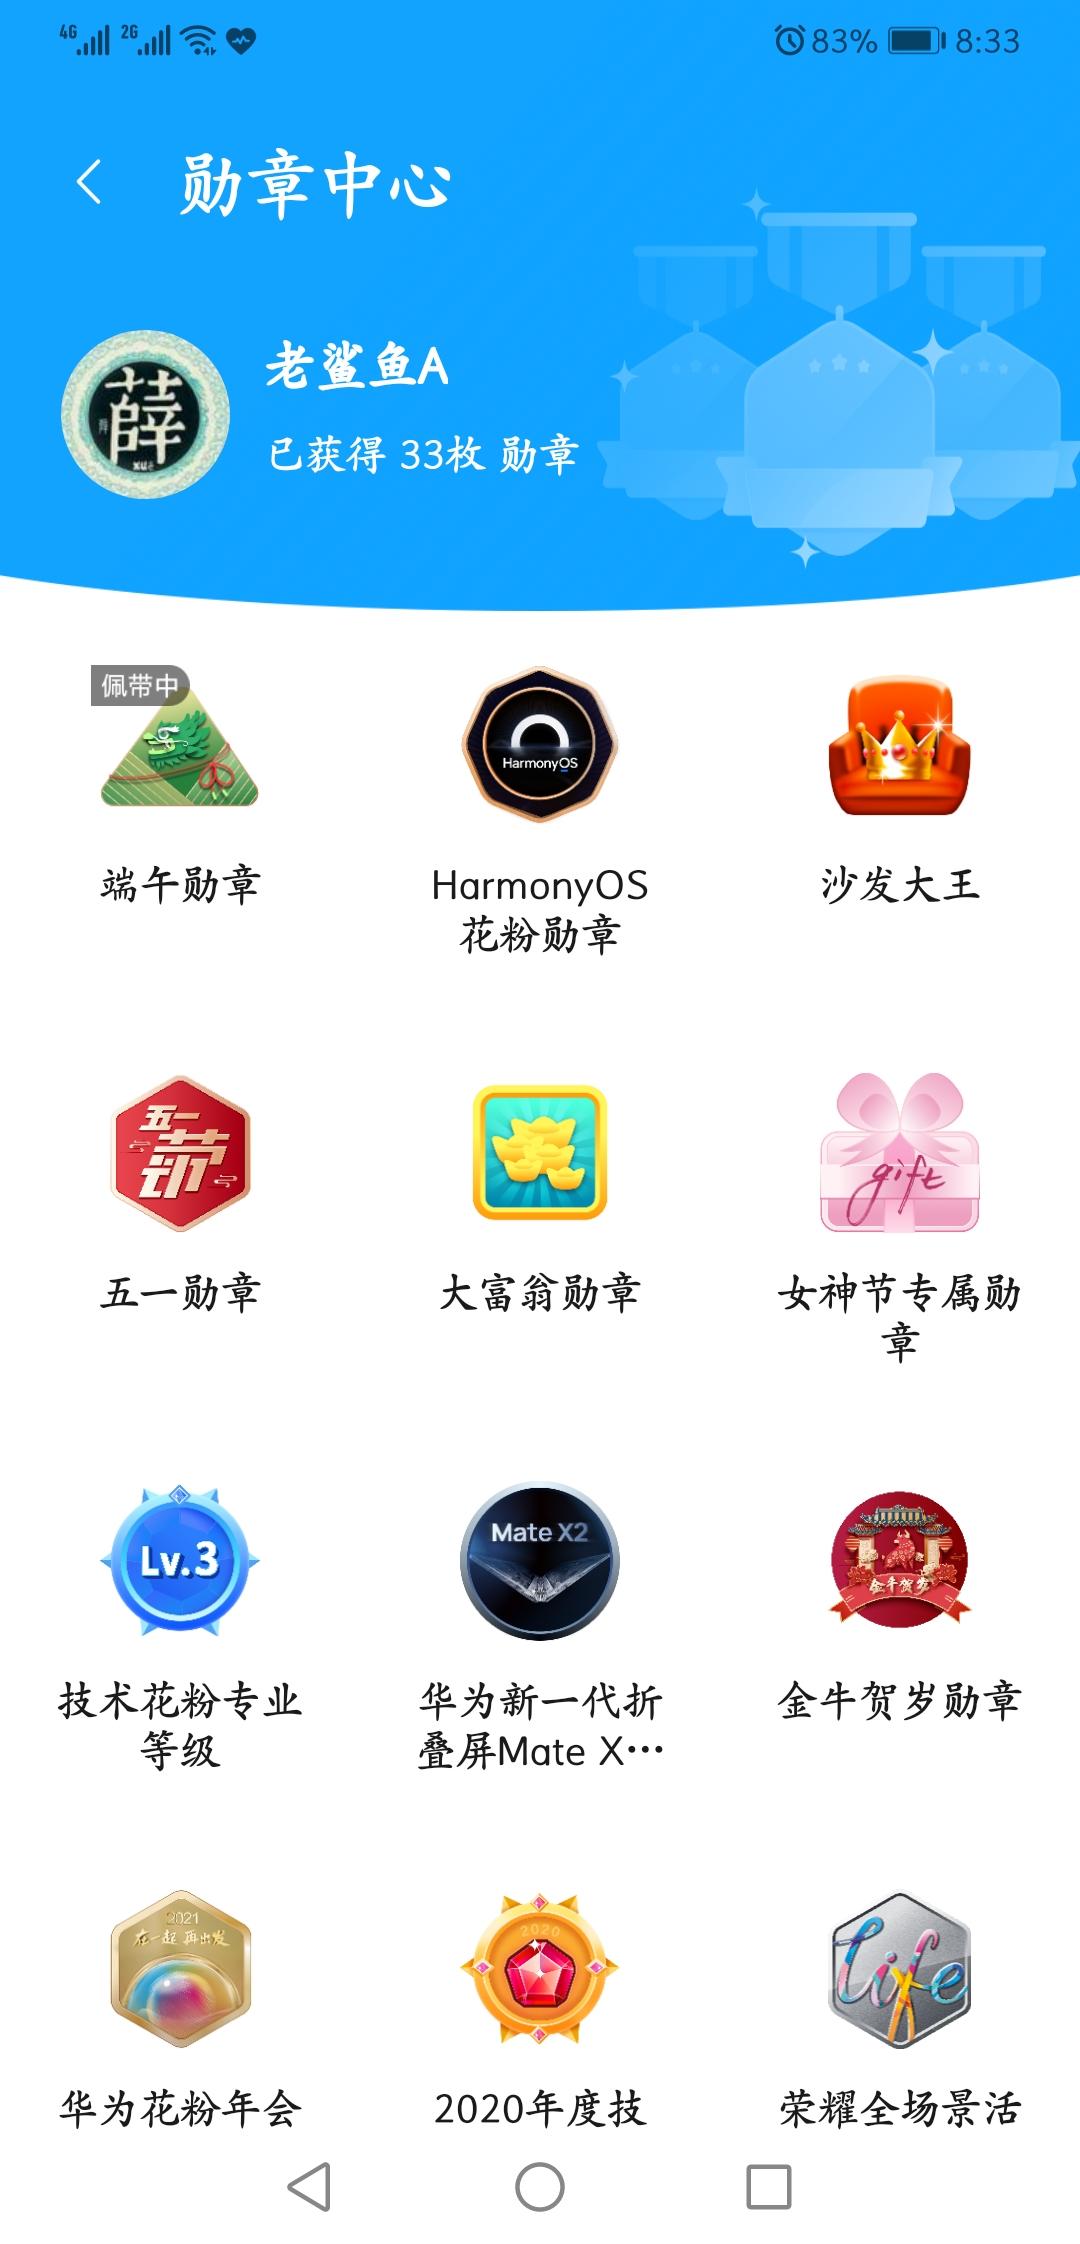 Screenshot_20210611_203330_com.huawei.fans.jpg